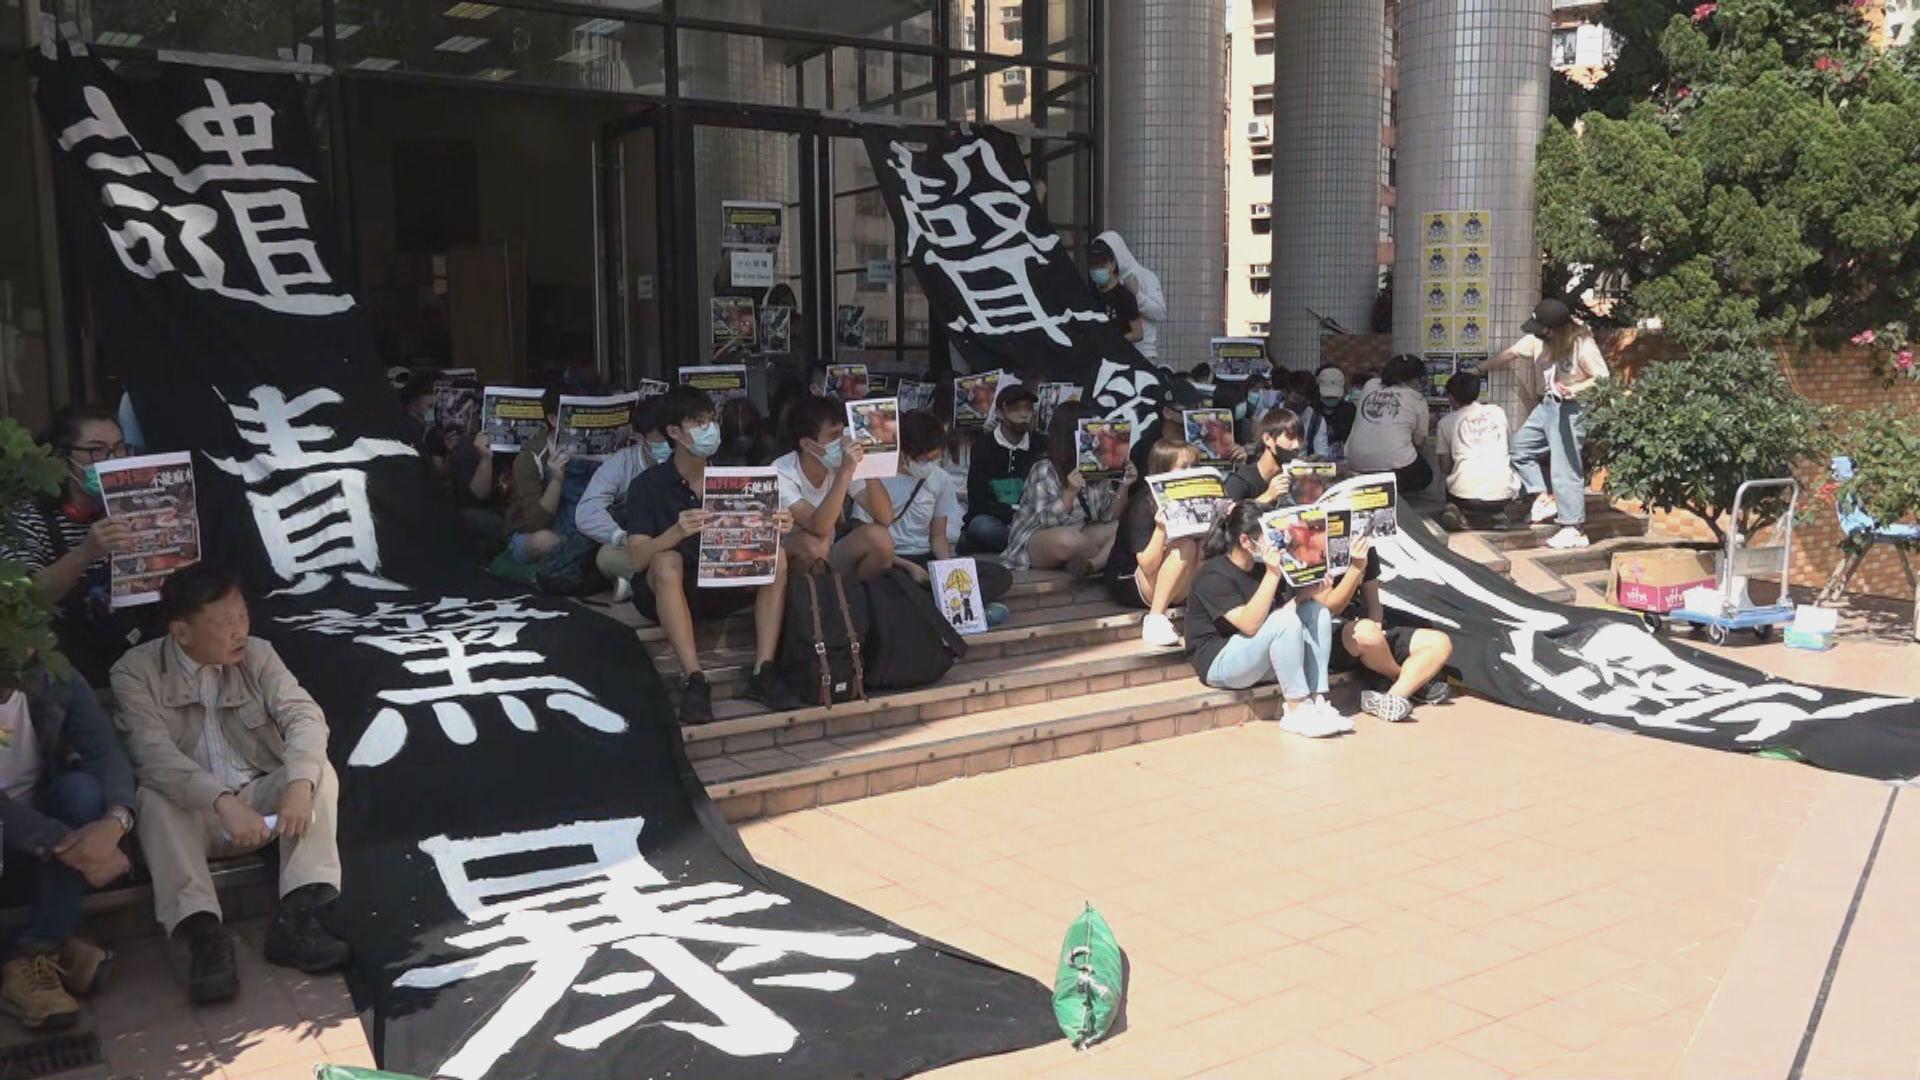 樹仁大學學生集會聲援遭催淚彈擊中燒傷同學